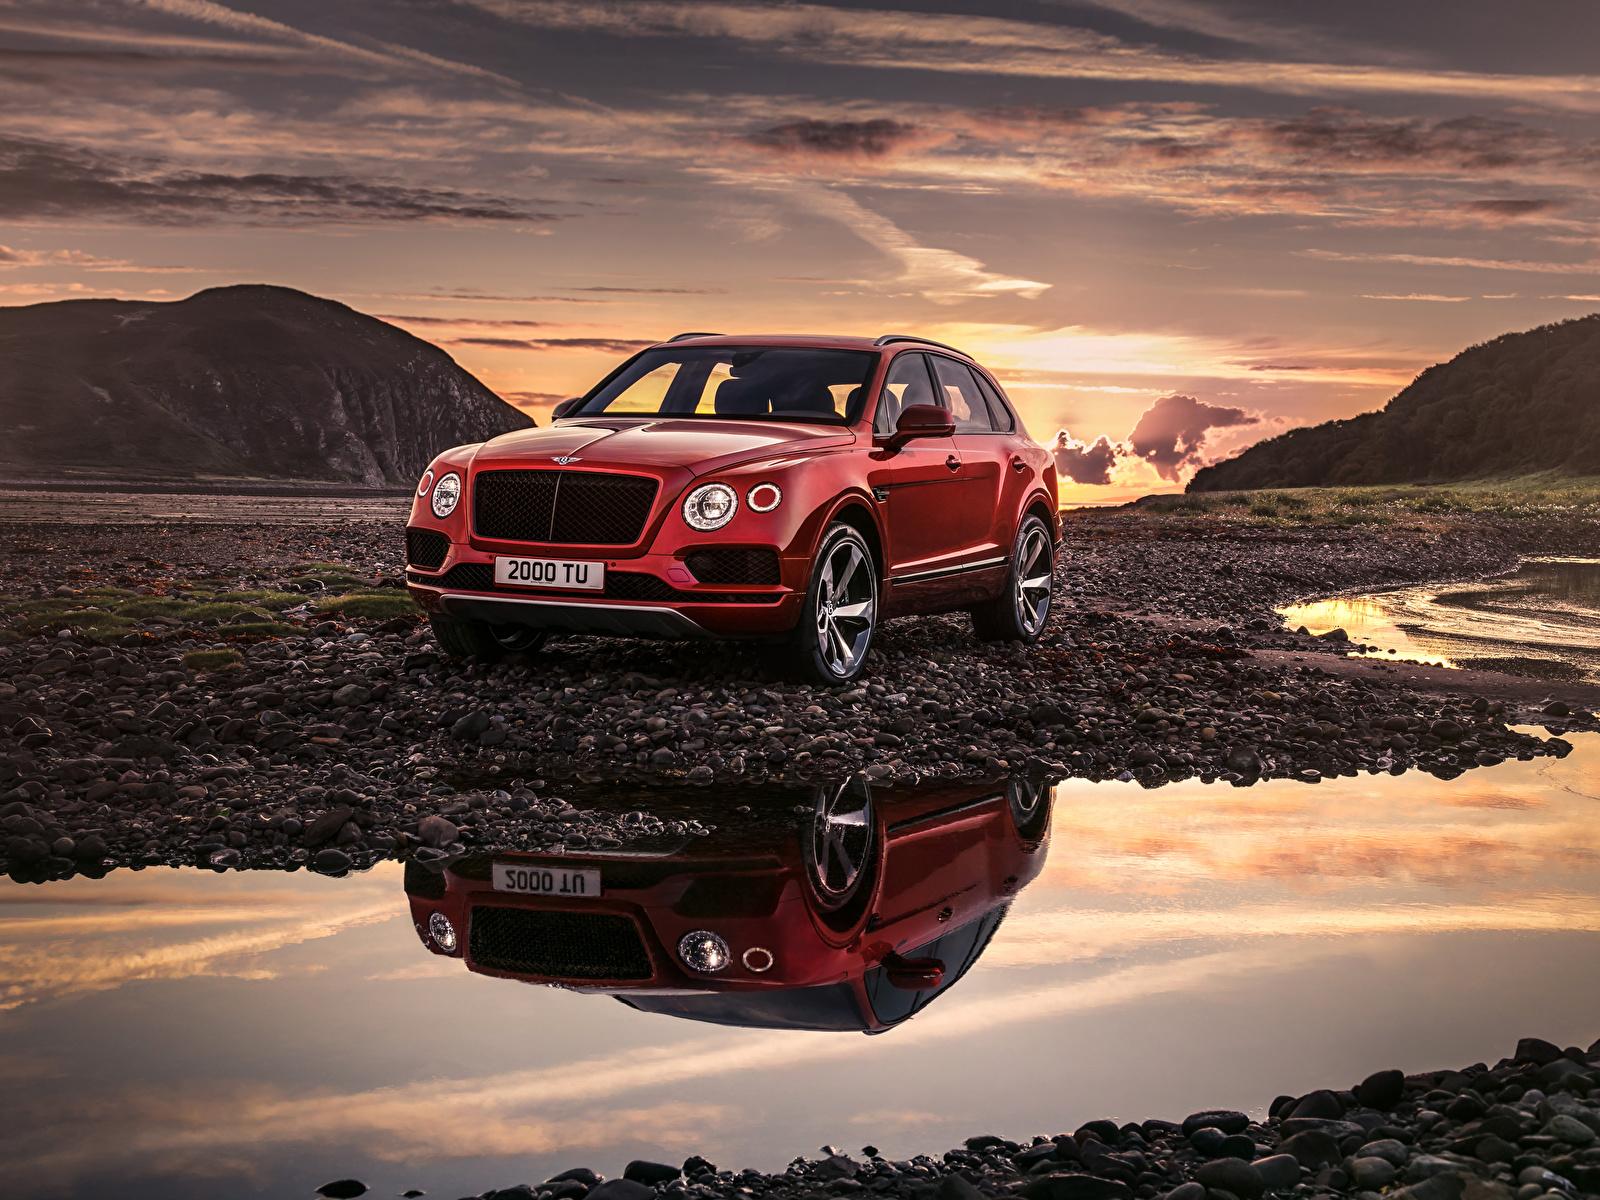 Картинка Bentley 2018 Bentayga V8 Worldwide красных автомобиль 1600x1200 Бентли красная красные Красный авто машины машина Автомобили